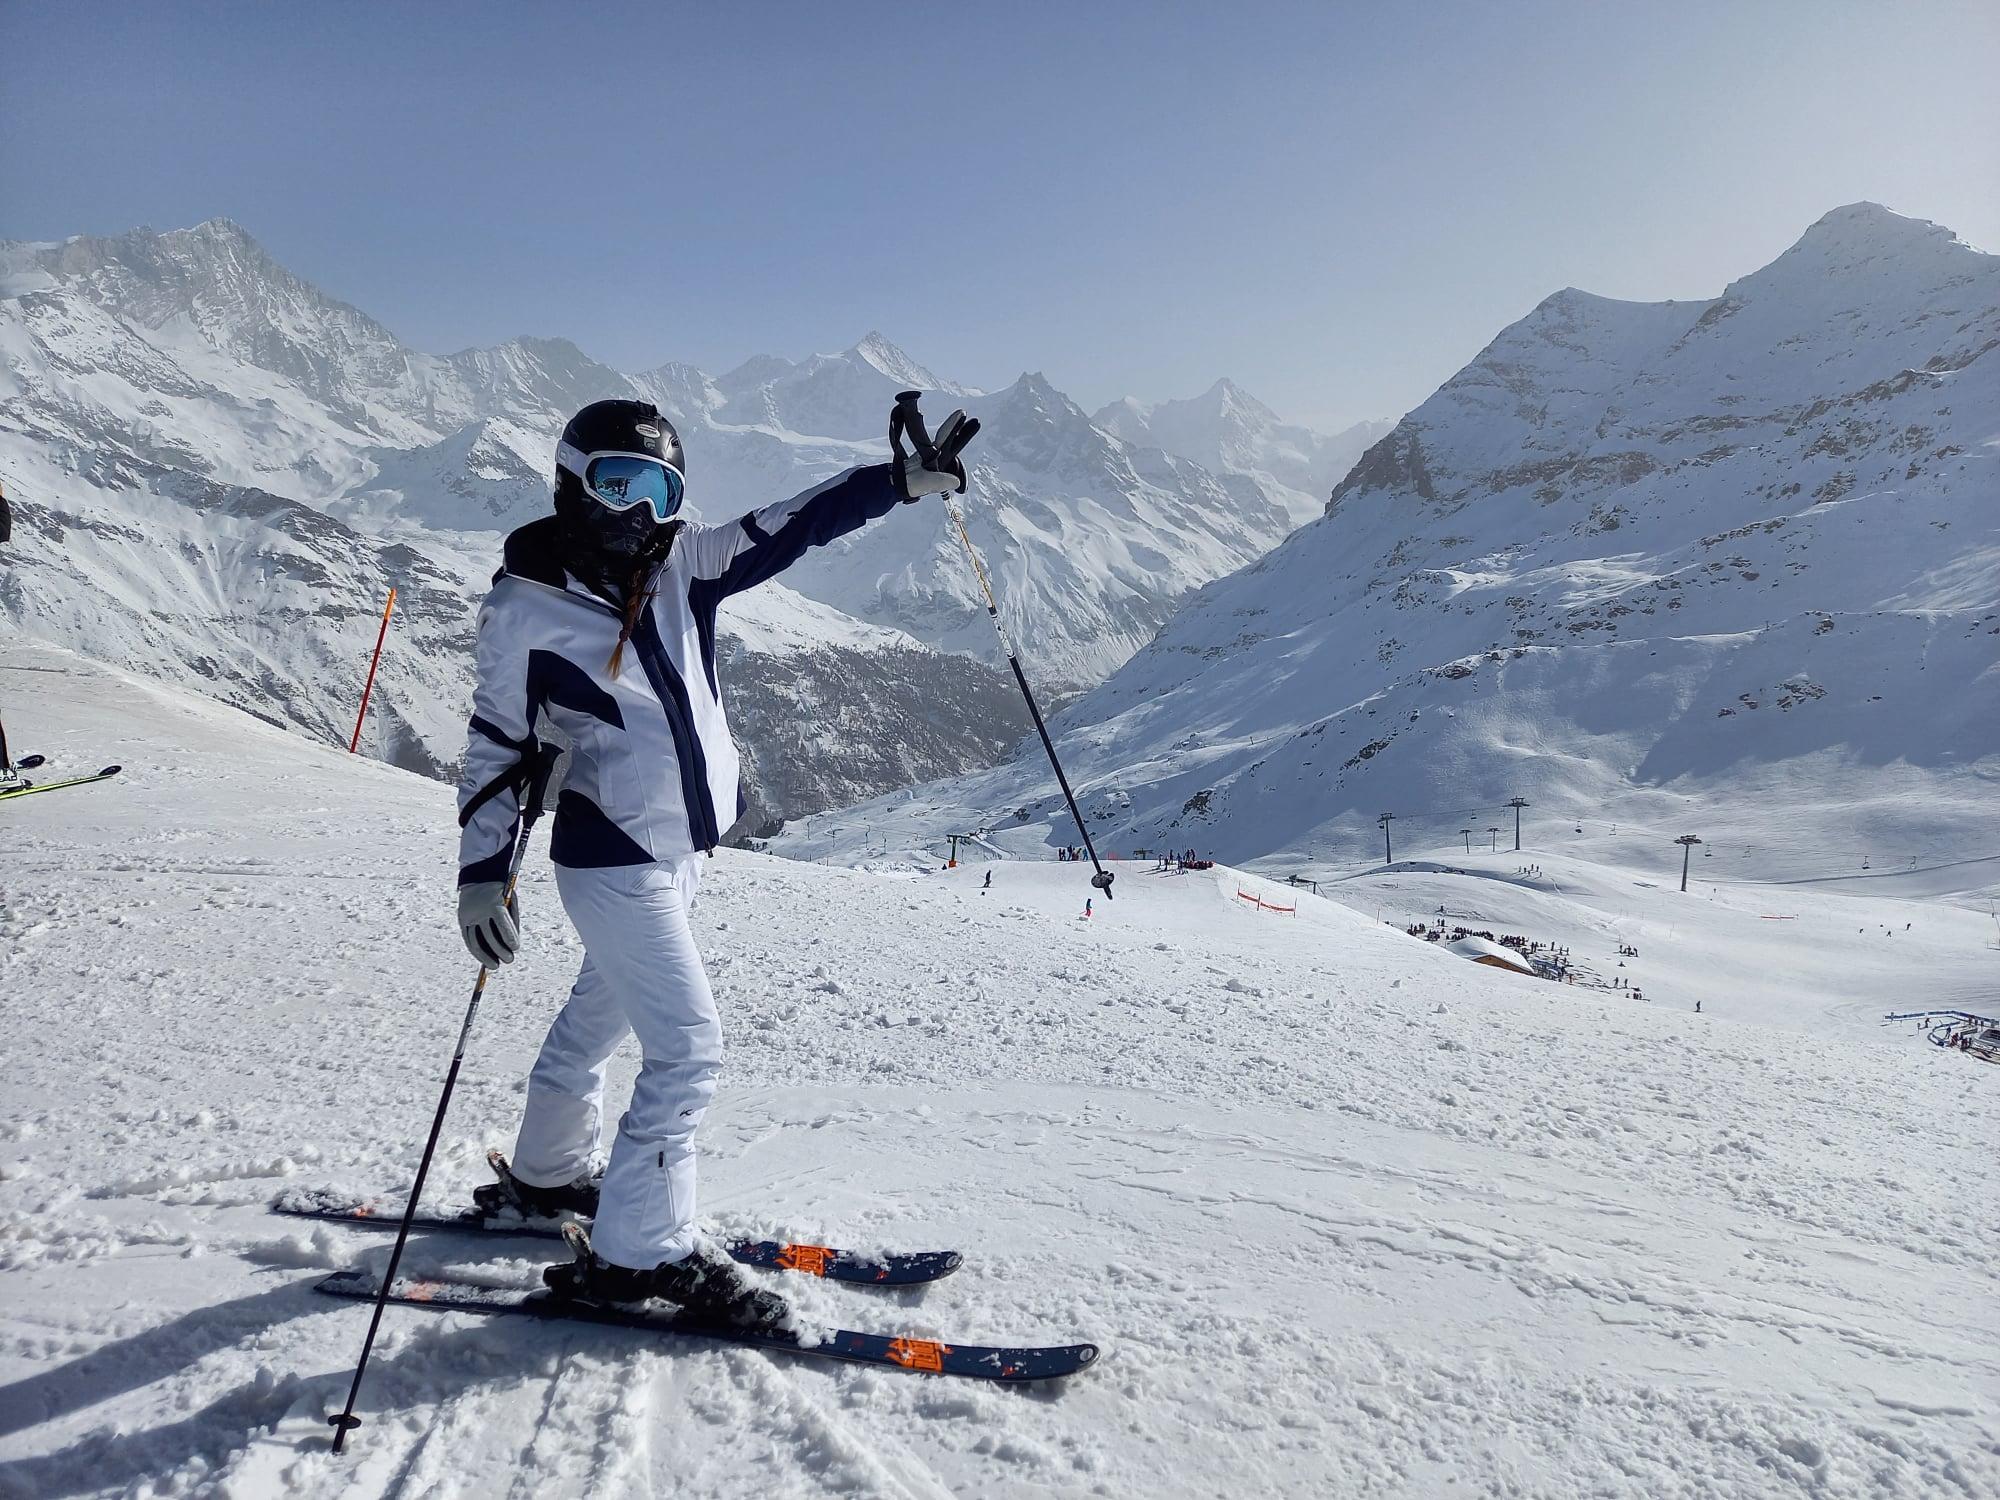 Brillantmont International School Ski week and winter camp in Switzerland